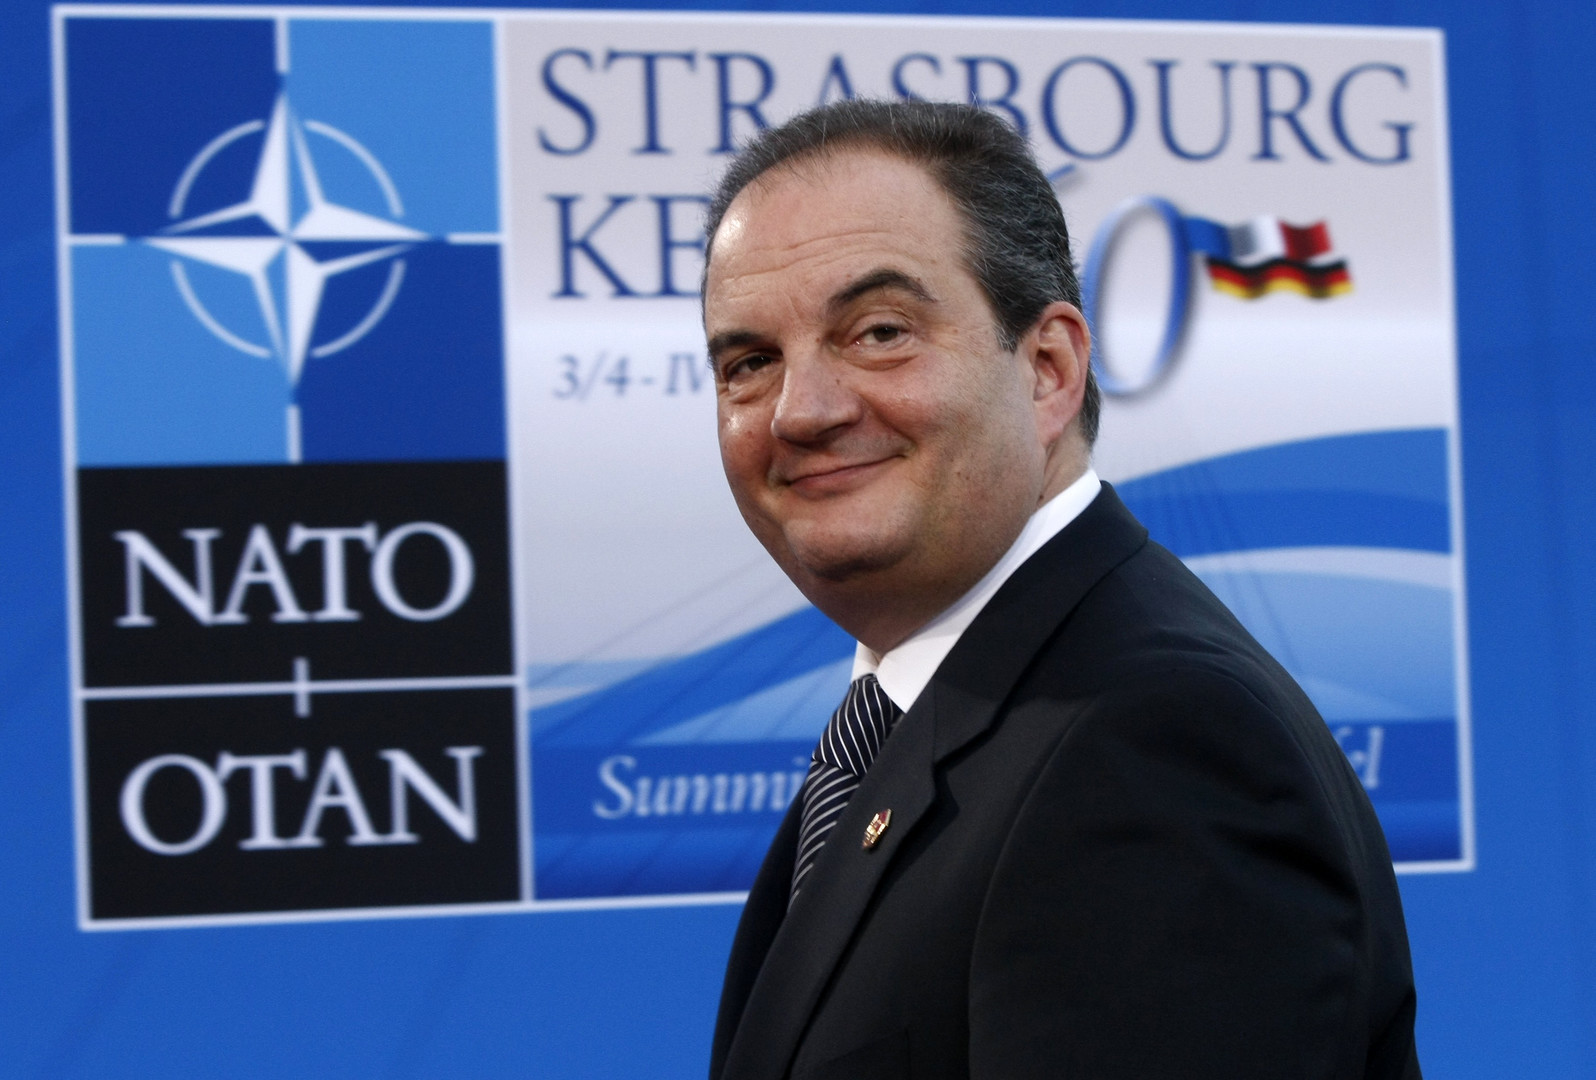 Tous les Premiers ministres grecs ont appris à gouverner à l'étranger… Sauf Tsipras